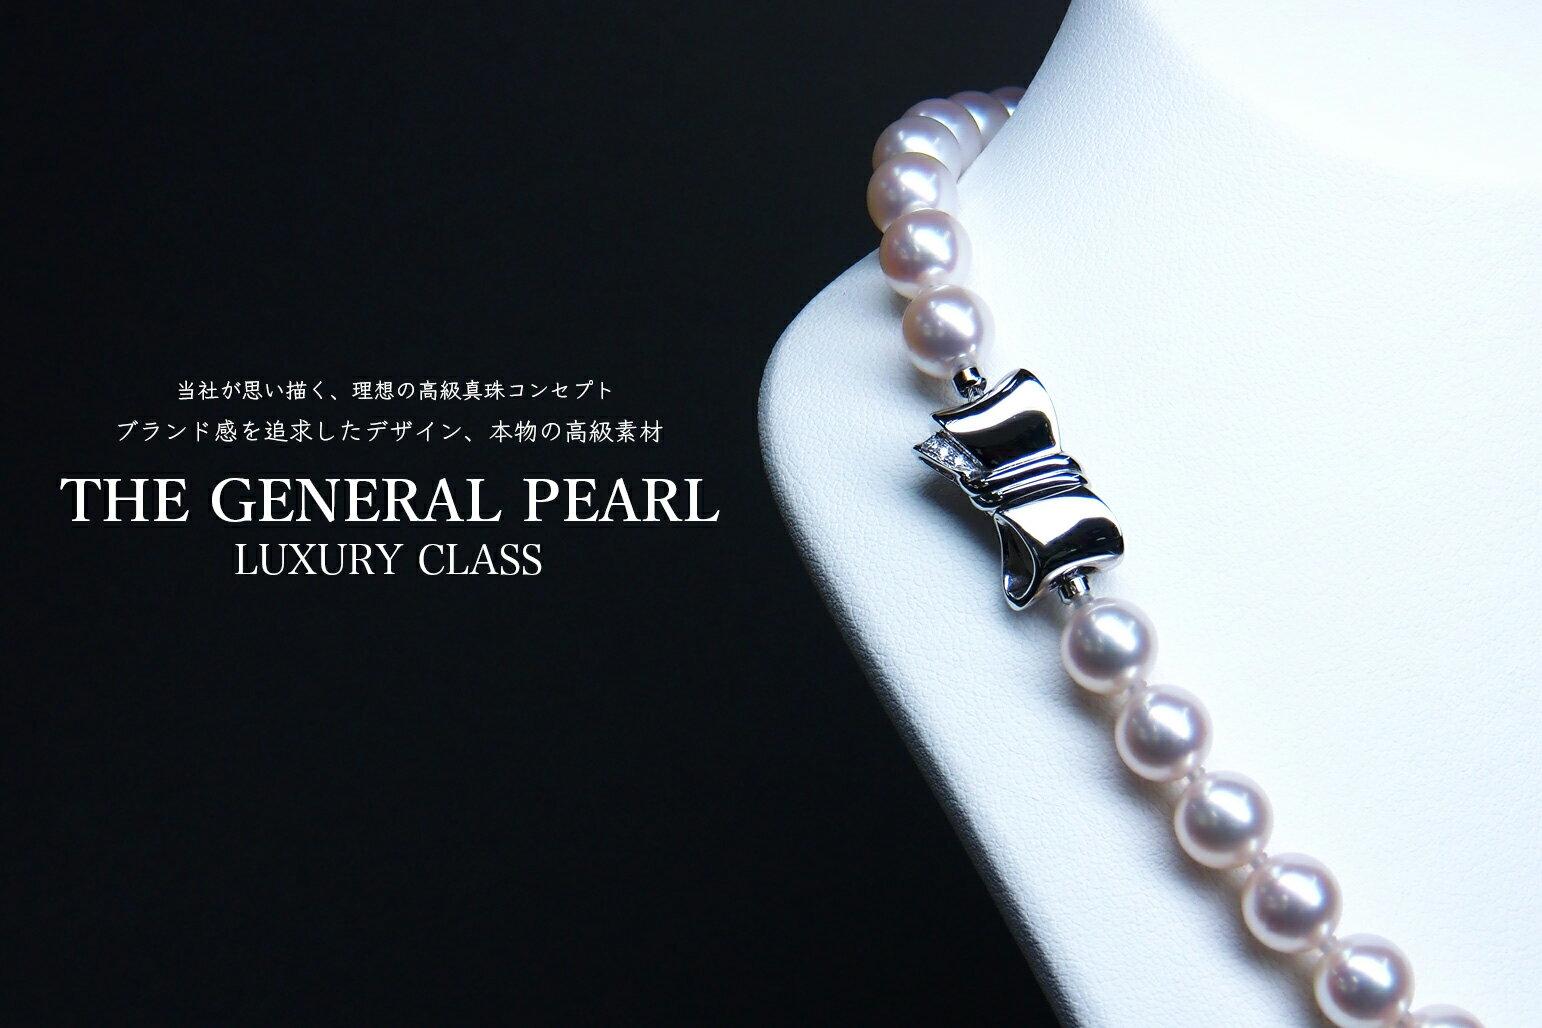 《真珠大卸からの直販》■THE GENERAL PEARL ラグジュアリークラス■越物オーロラ花珠真珠ネックレス 8.5-9.0mm【送料無料】